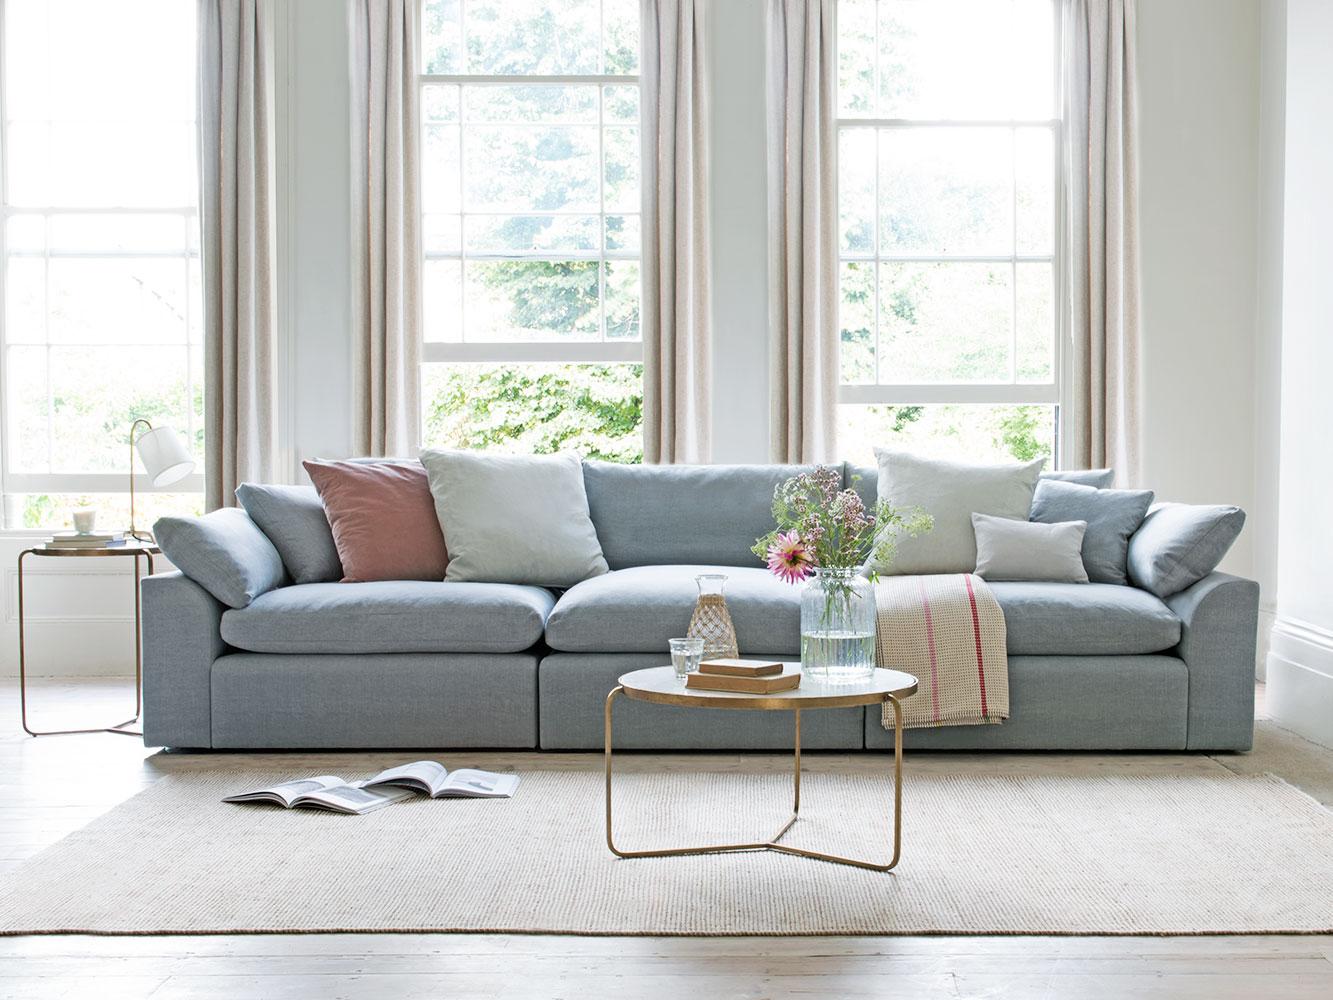 Medium Cuddlein Modular Sofa In Thatch House Fabric